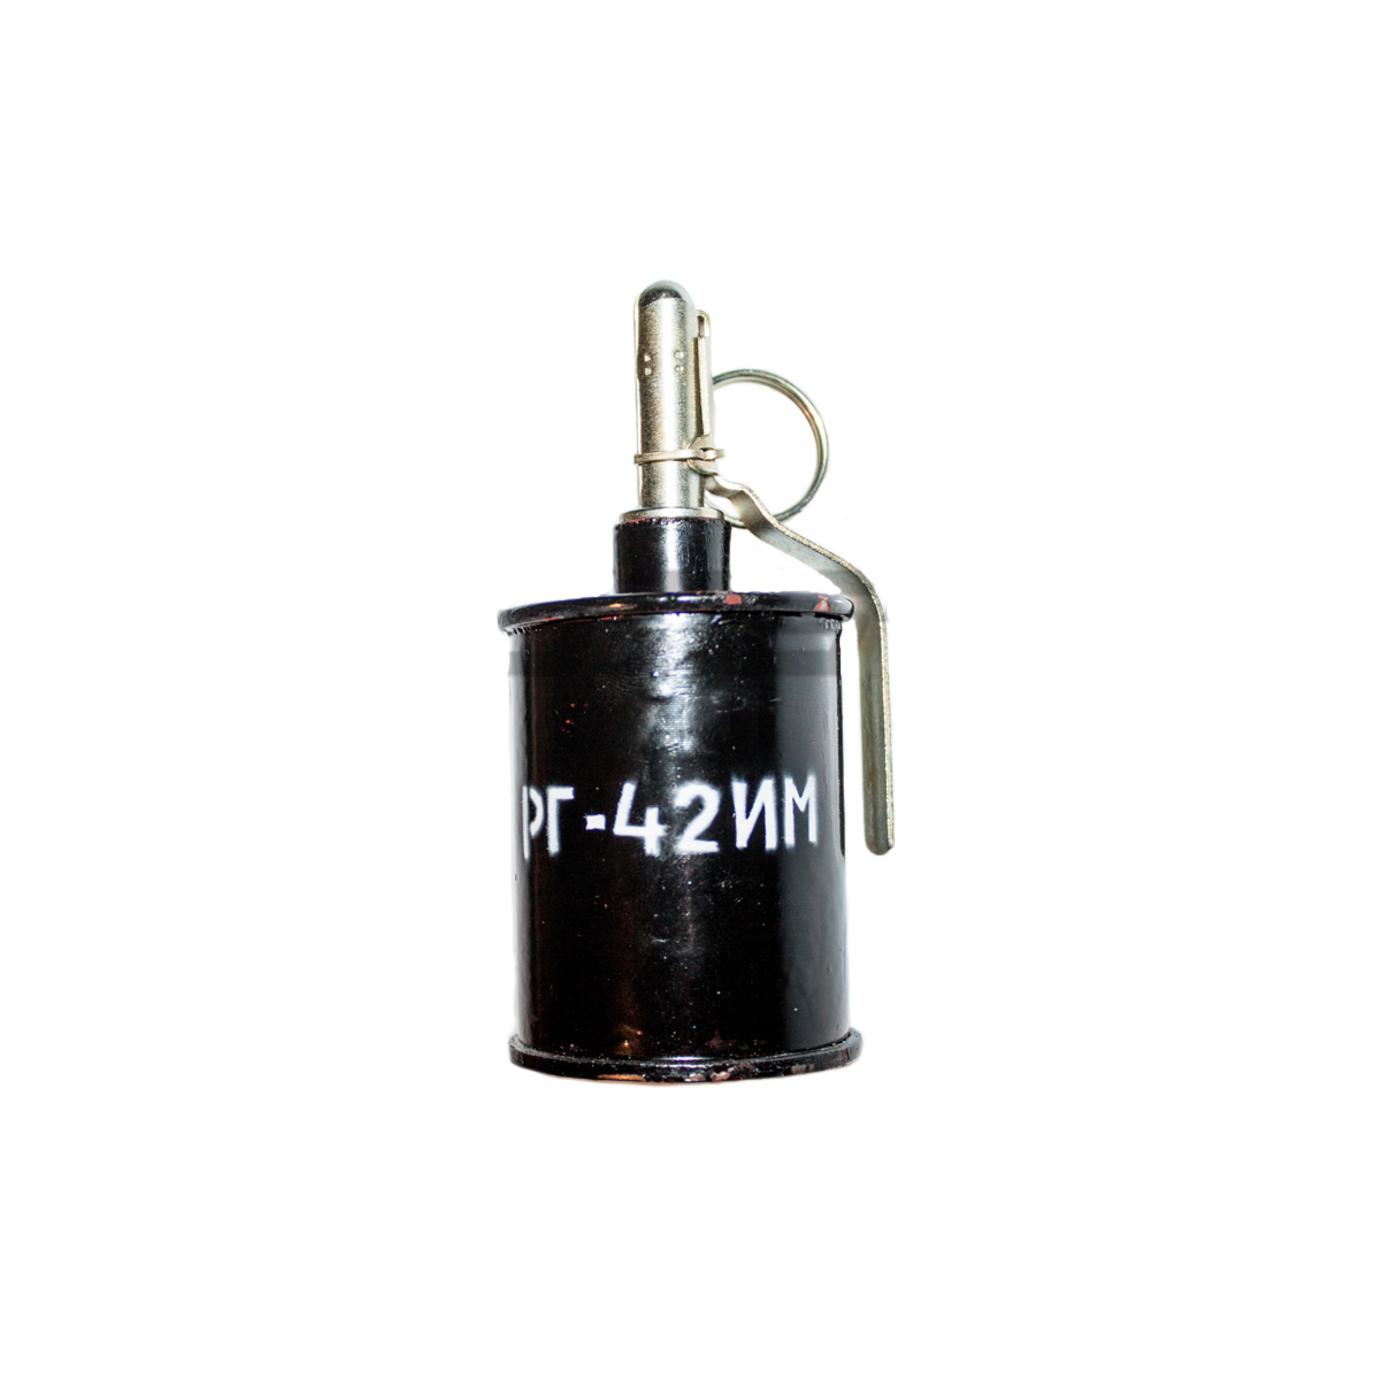 Имитационна ръчна граната РГ-42